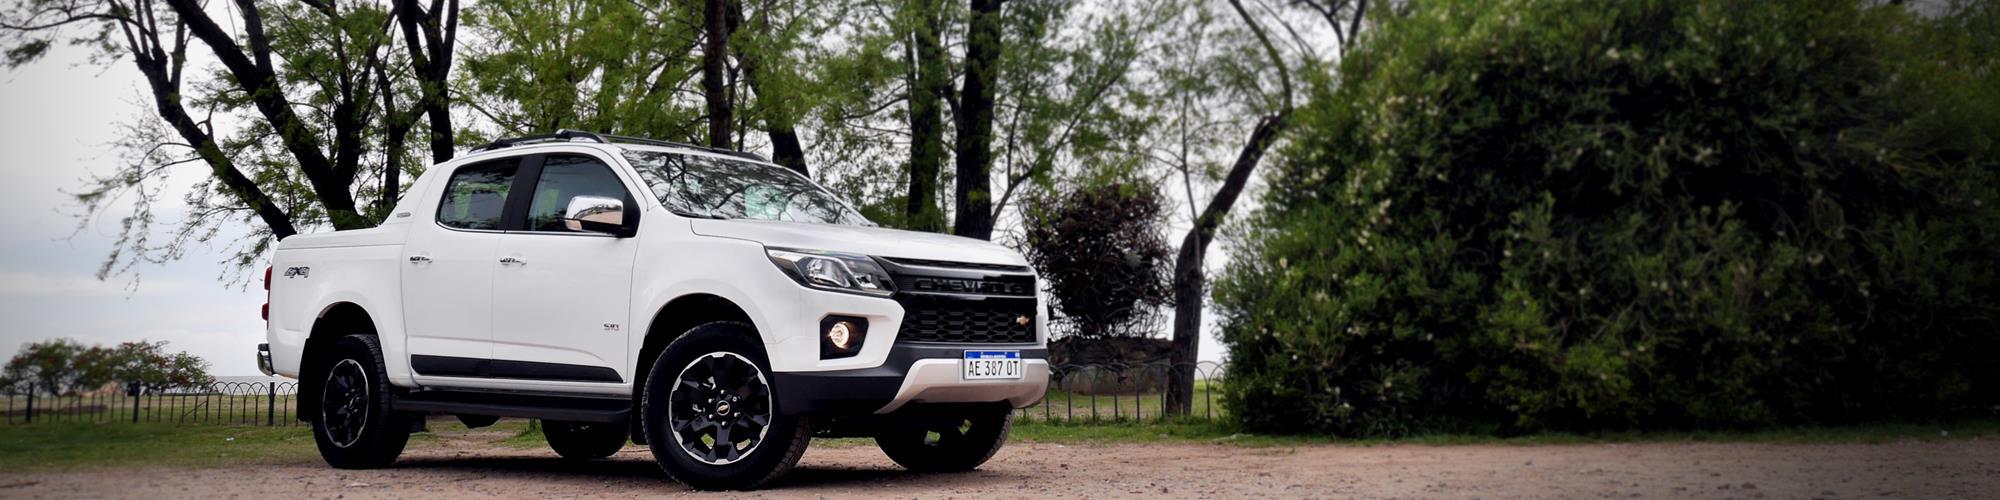 Chevrolet S10 se lanza en Argentina y acá tenés el Test por escrito y en video